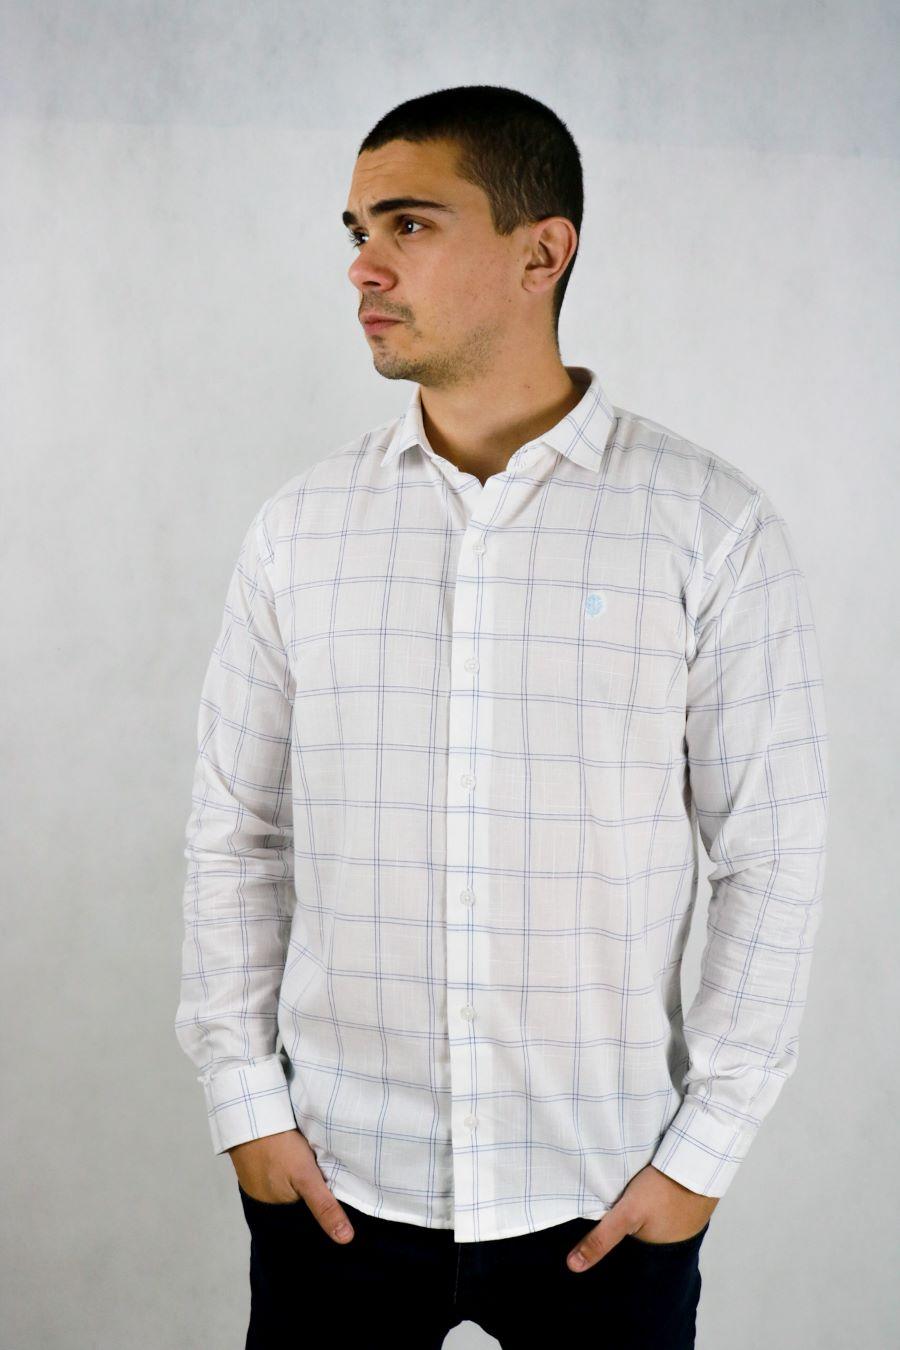 Camisa Obeland linhao xadrez coleção work